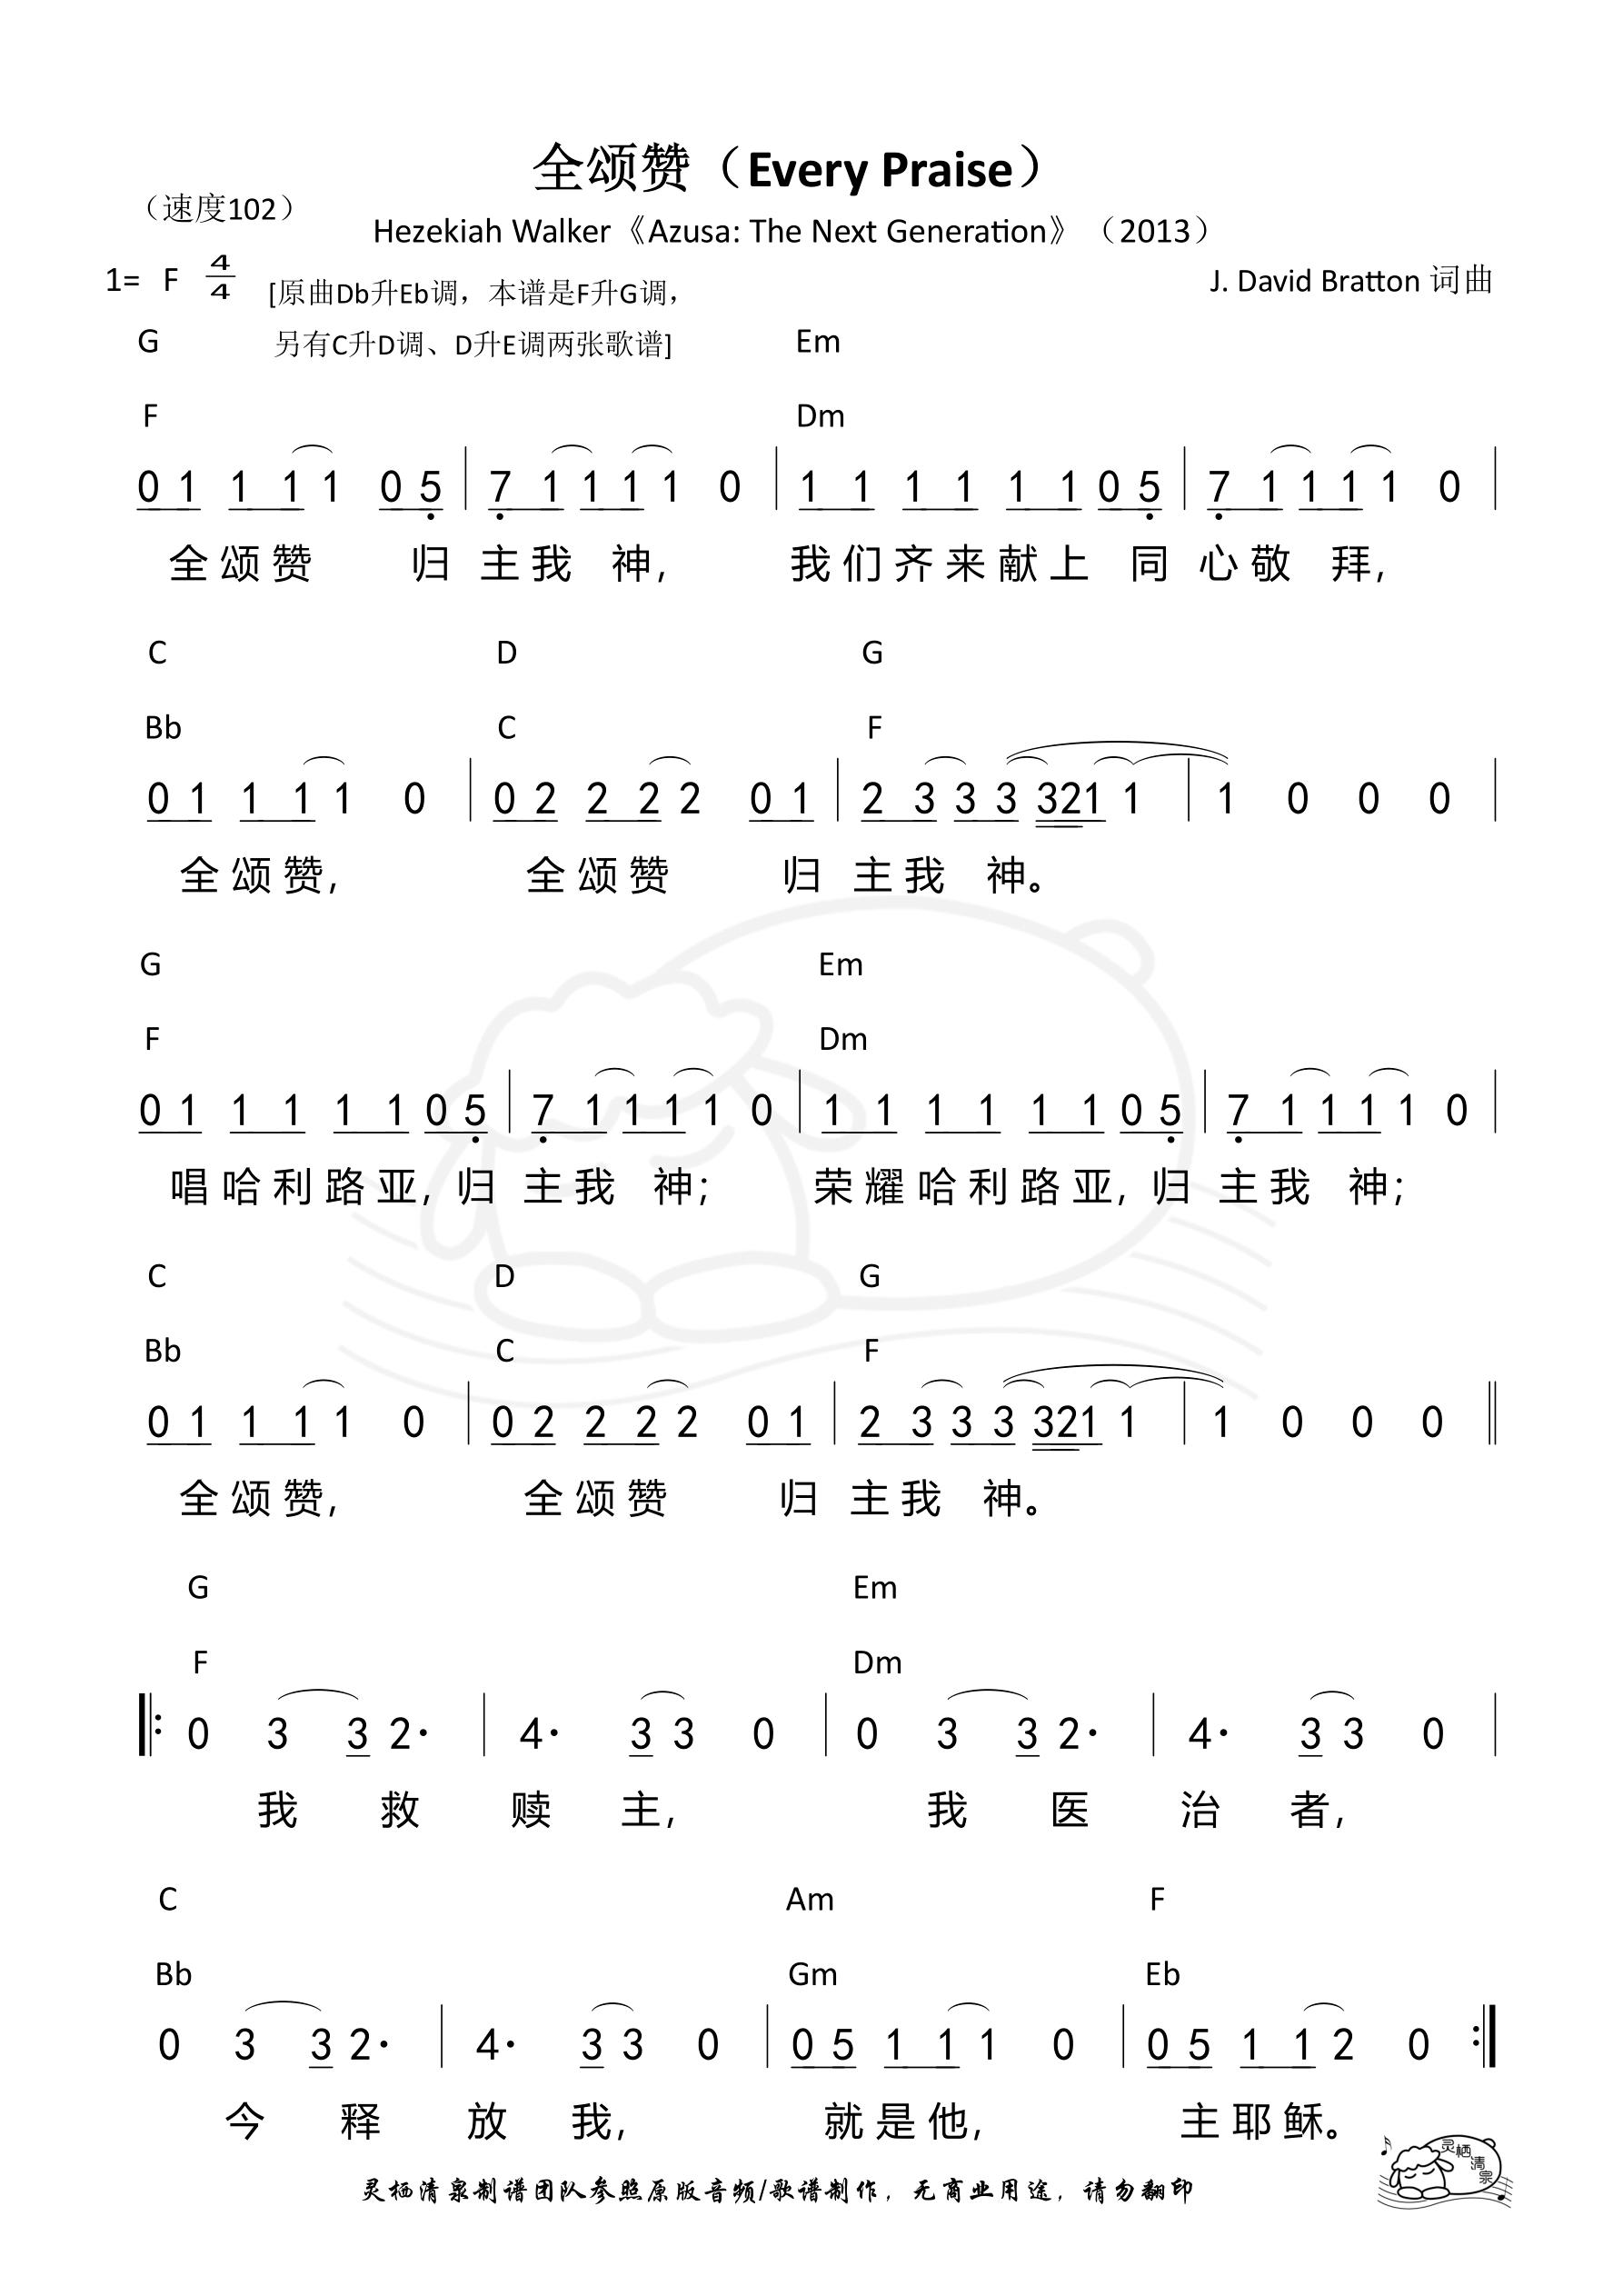 《第997首 - 全颂赞(Every Praise)(F升G)》